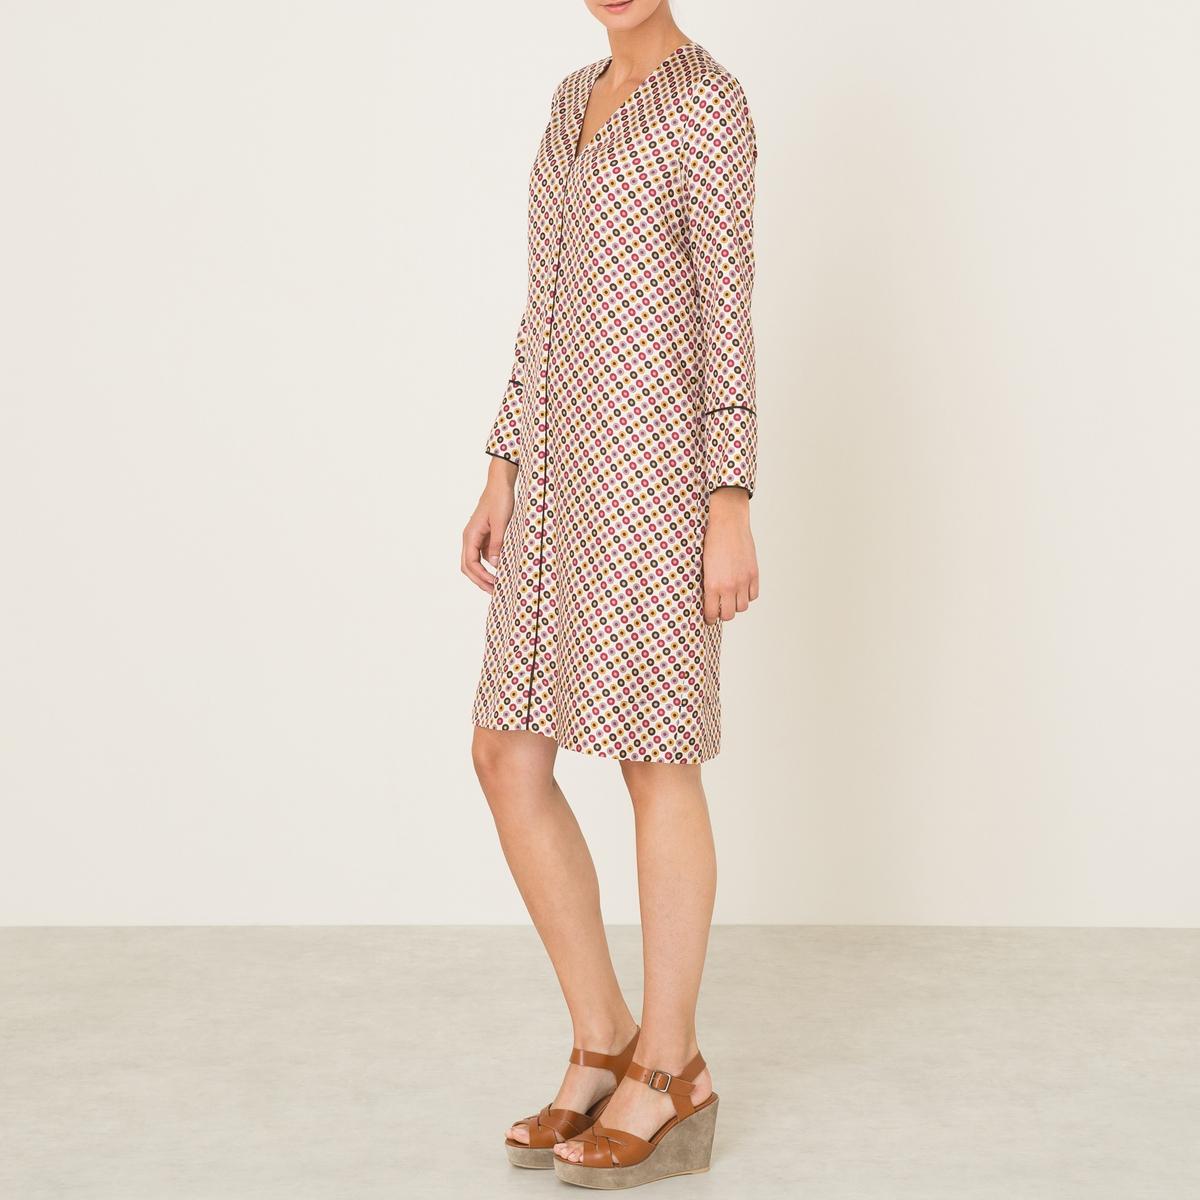 Платье AMIDA BISСостав и описание :Материал : 100% шелкМарка : MOMONI<br><br>Цвет: желтый,черный,экрю<br>Размер: M